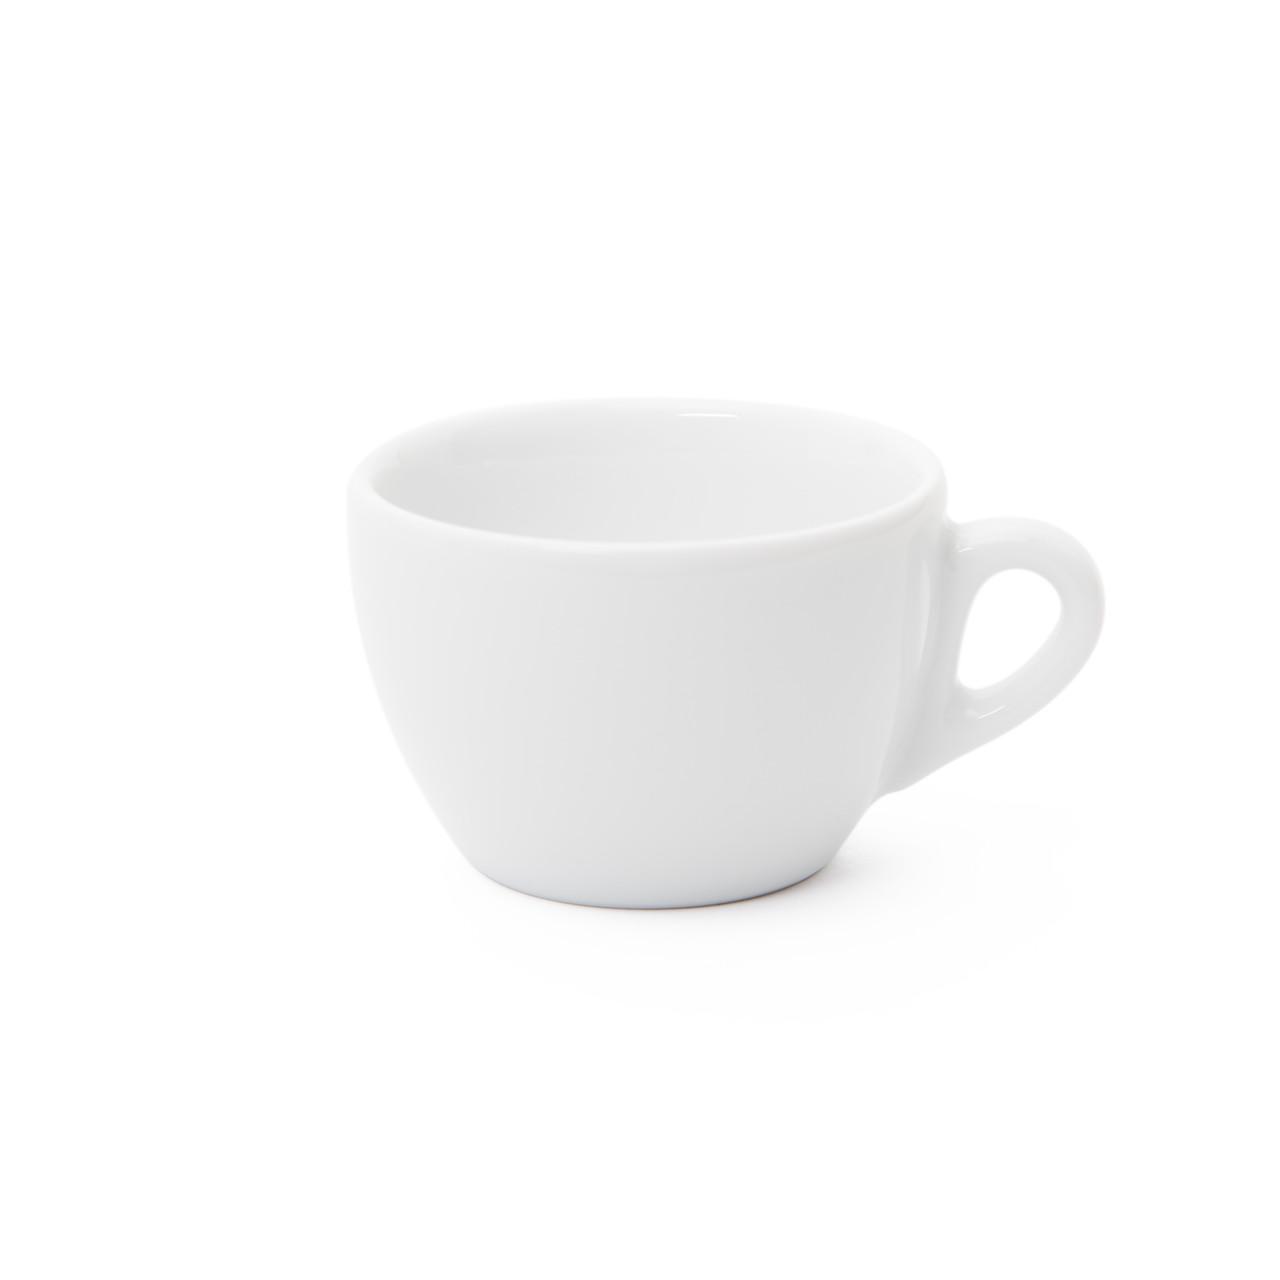 Чашка 180 мл. фарфоровая, белая Verona Millecolori, Ancap